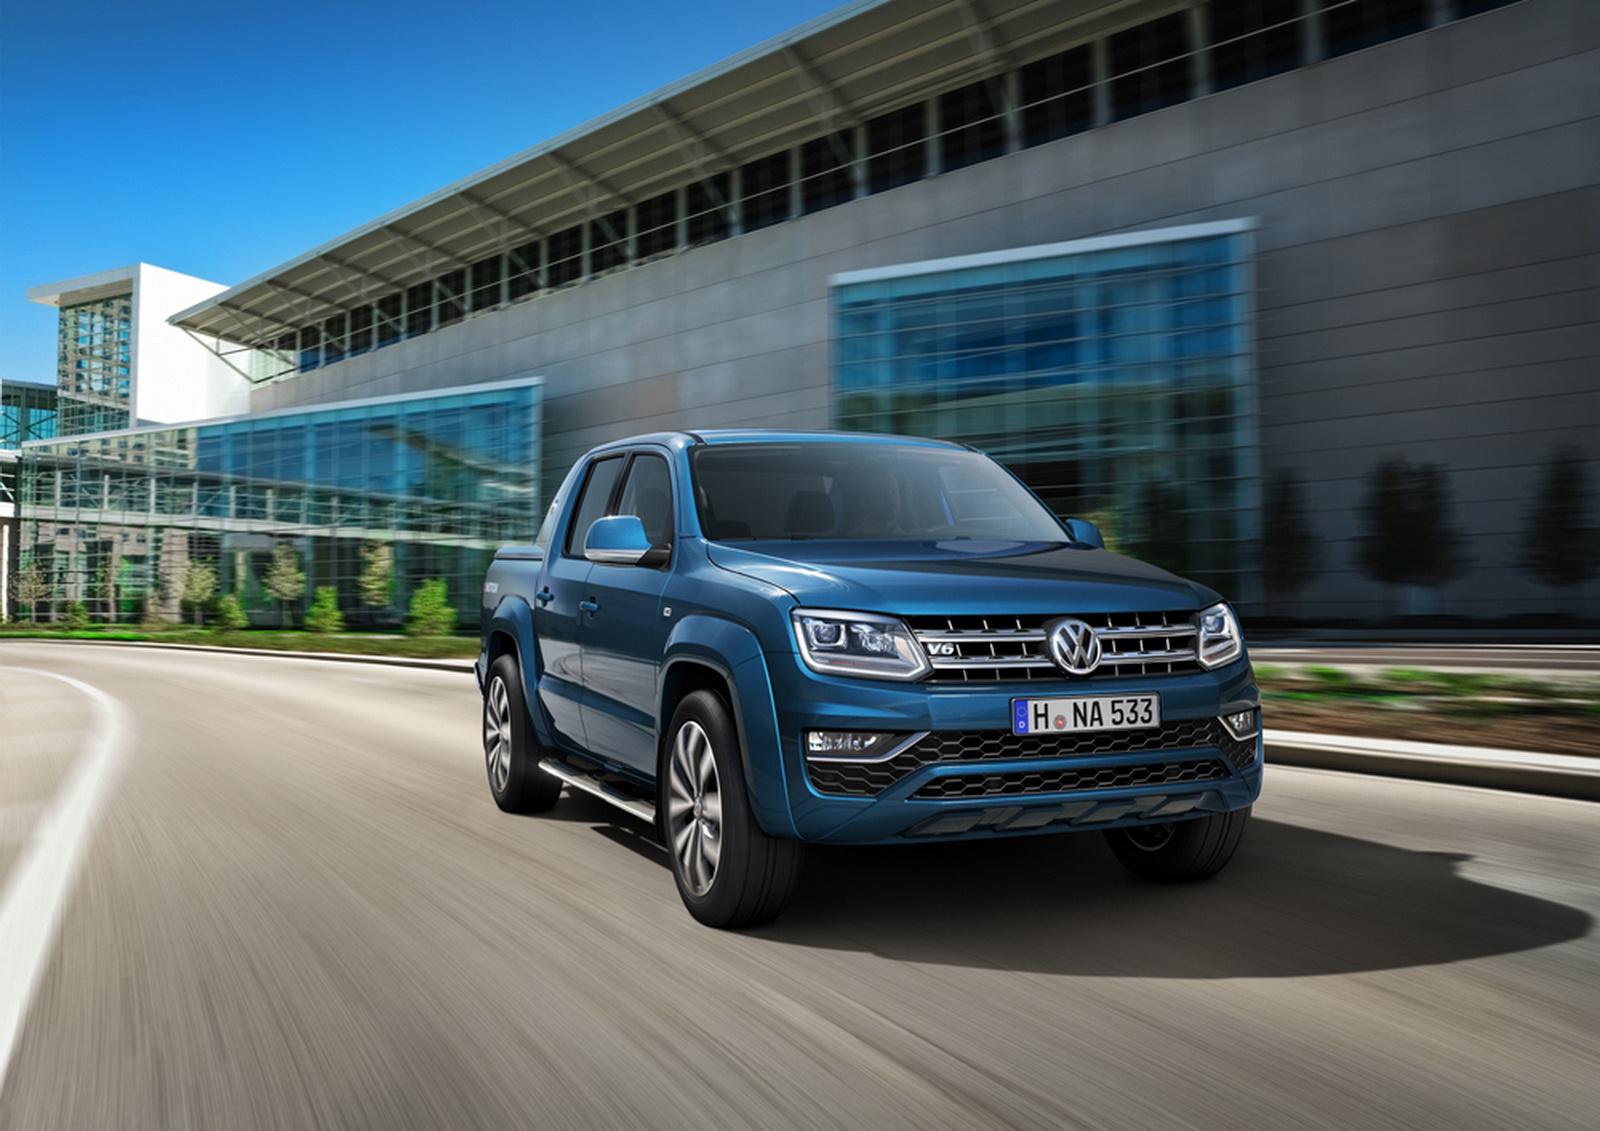 Volkswagen выпустит внедорожник на базе пикапа Amarok